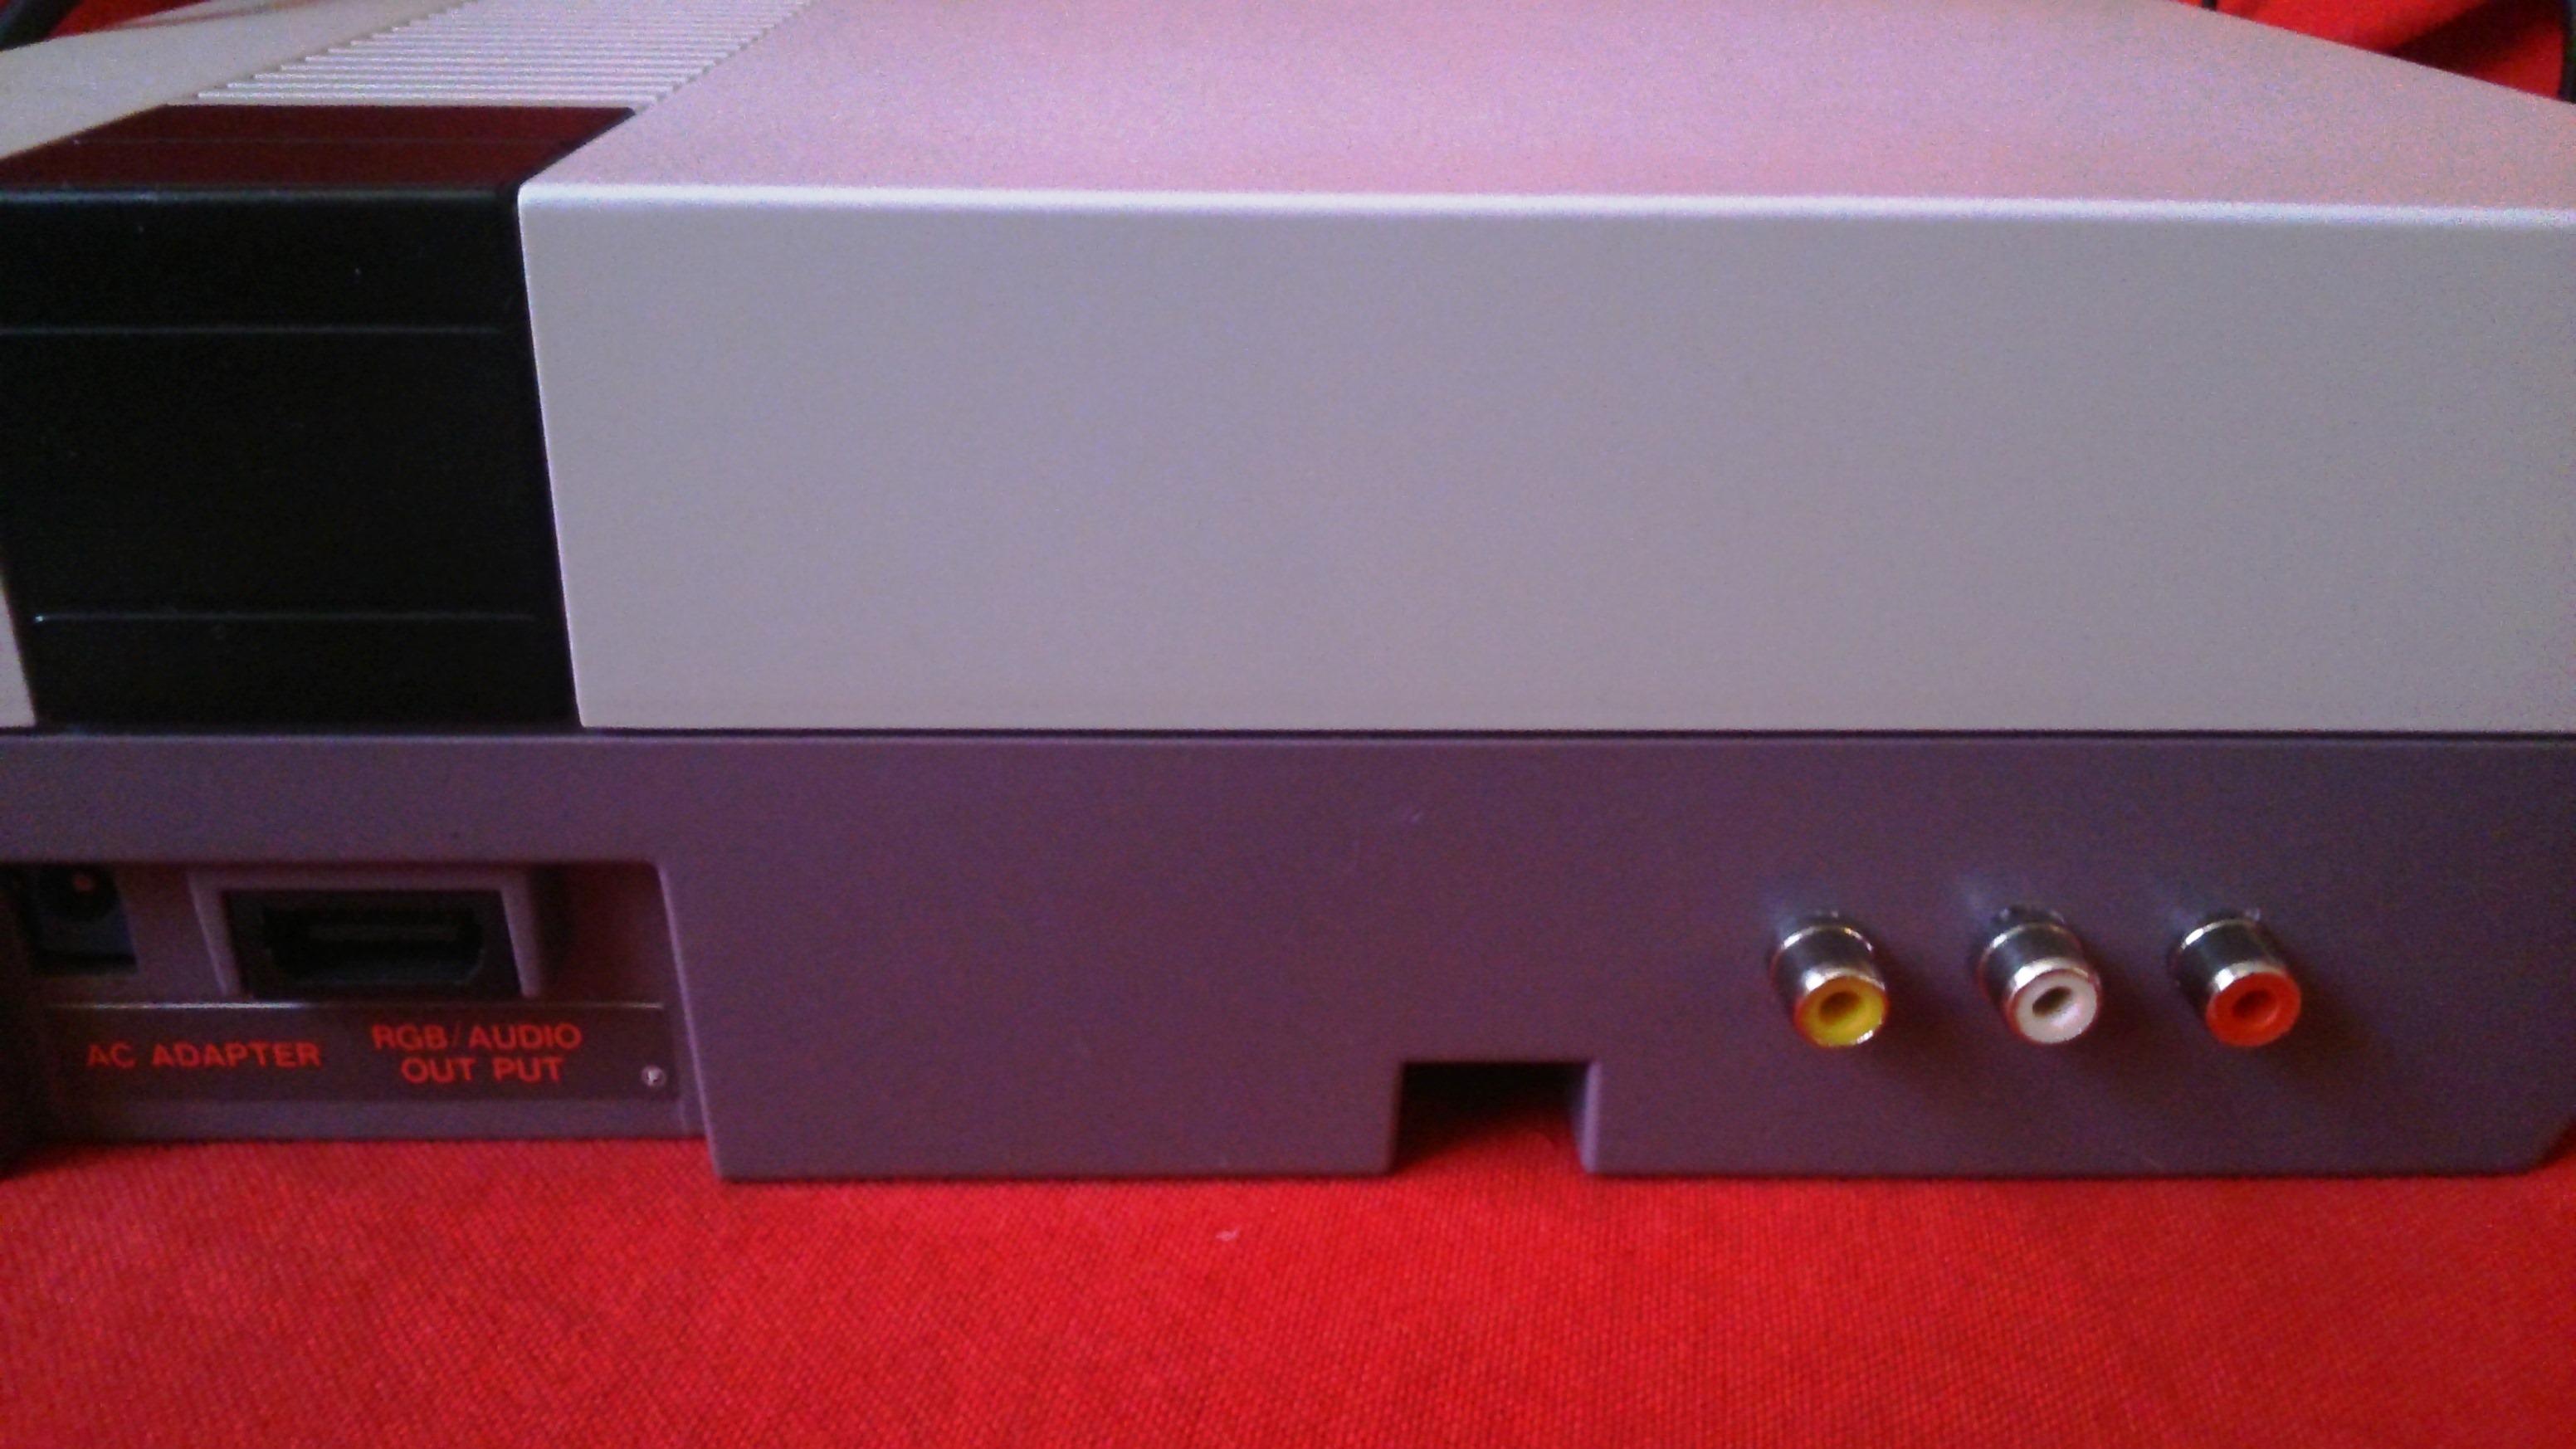 [VDS] Mod/Rep Nintendo: NES / Famicom RCA, SNES Switch.., Disk Syst... 1496066124-2